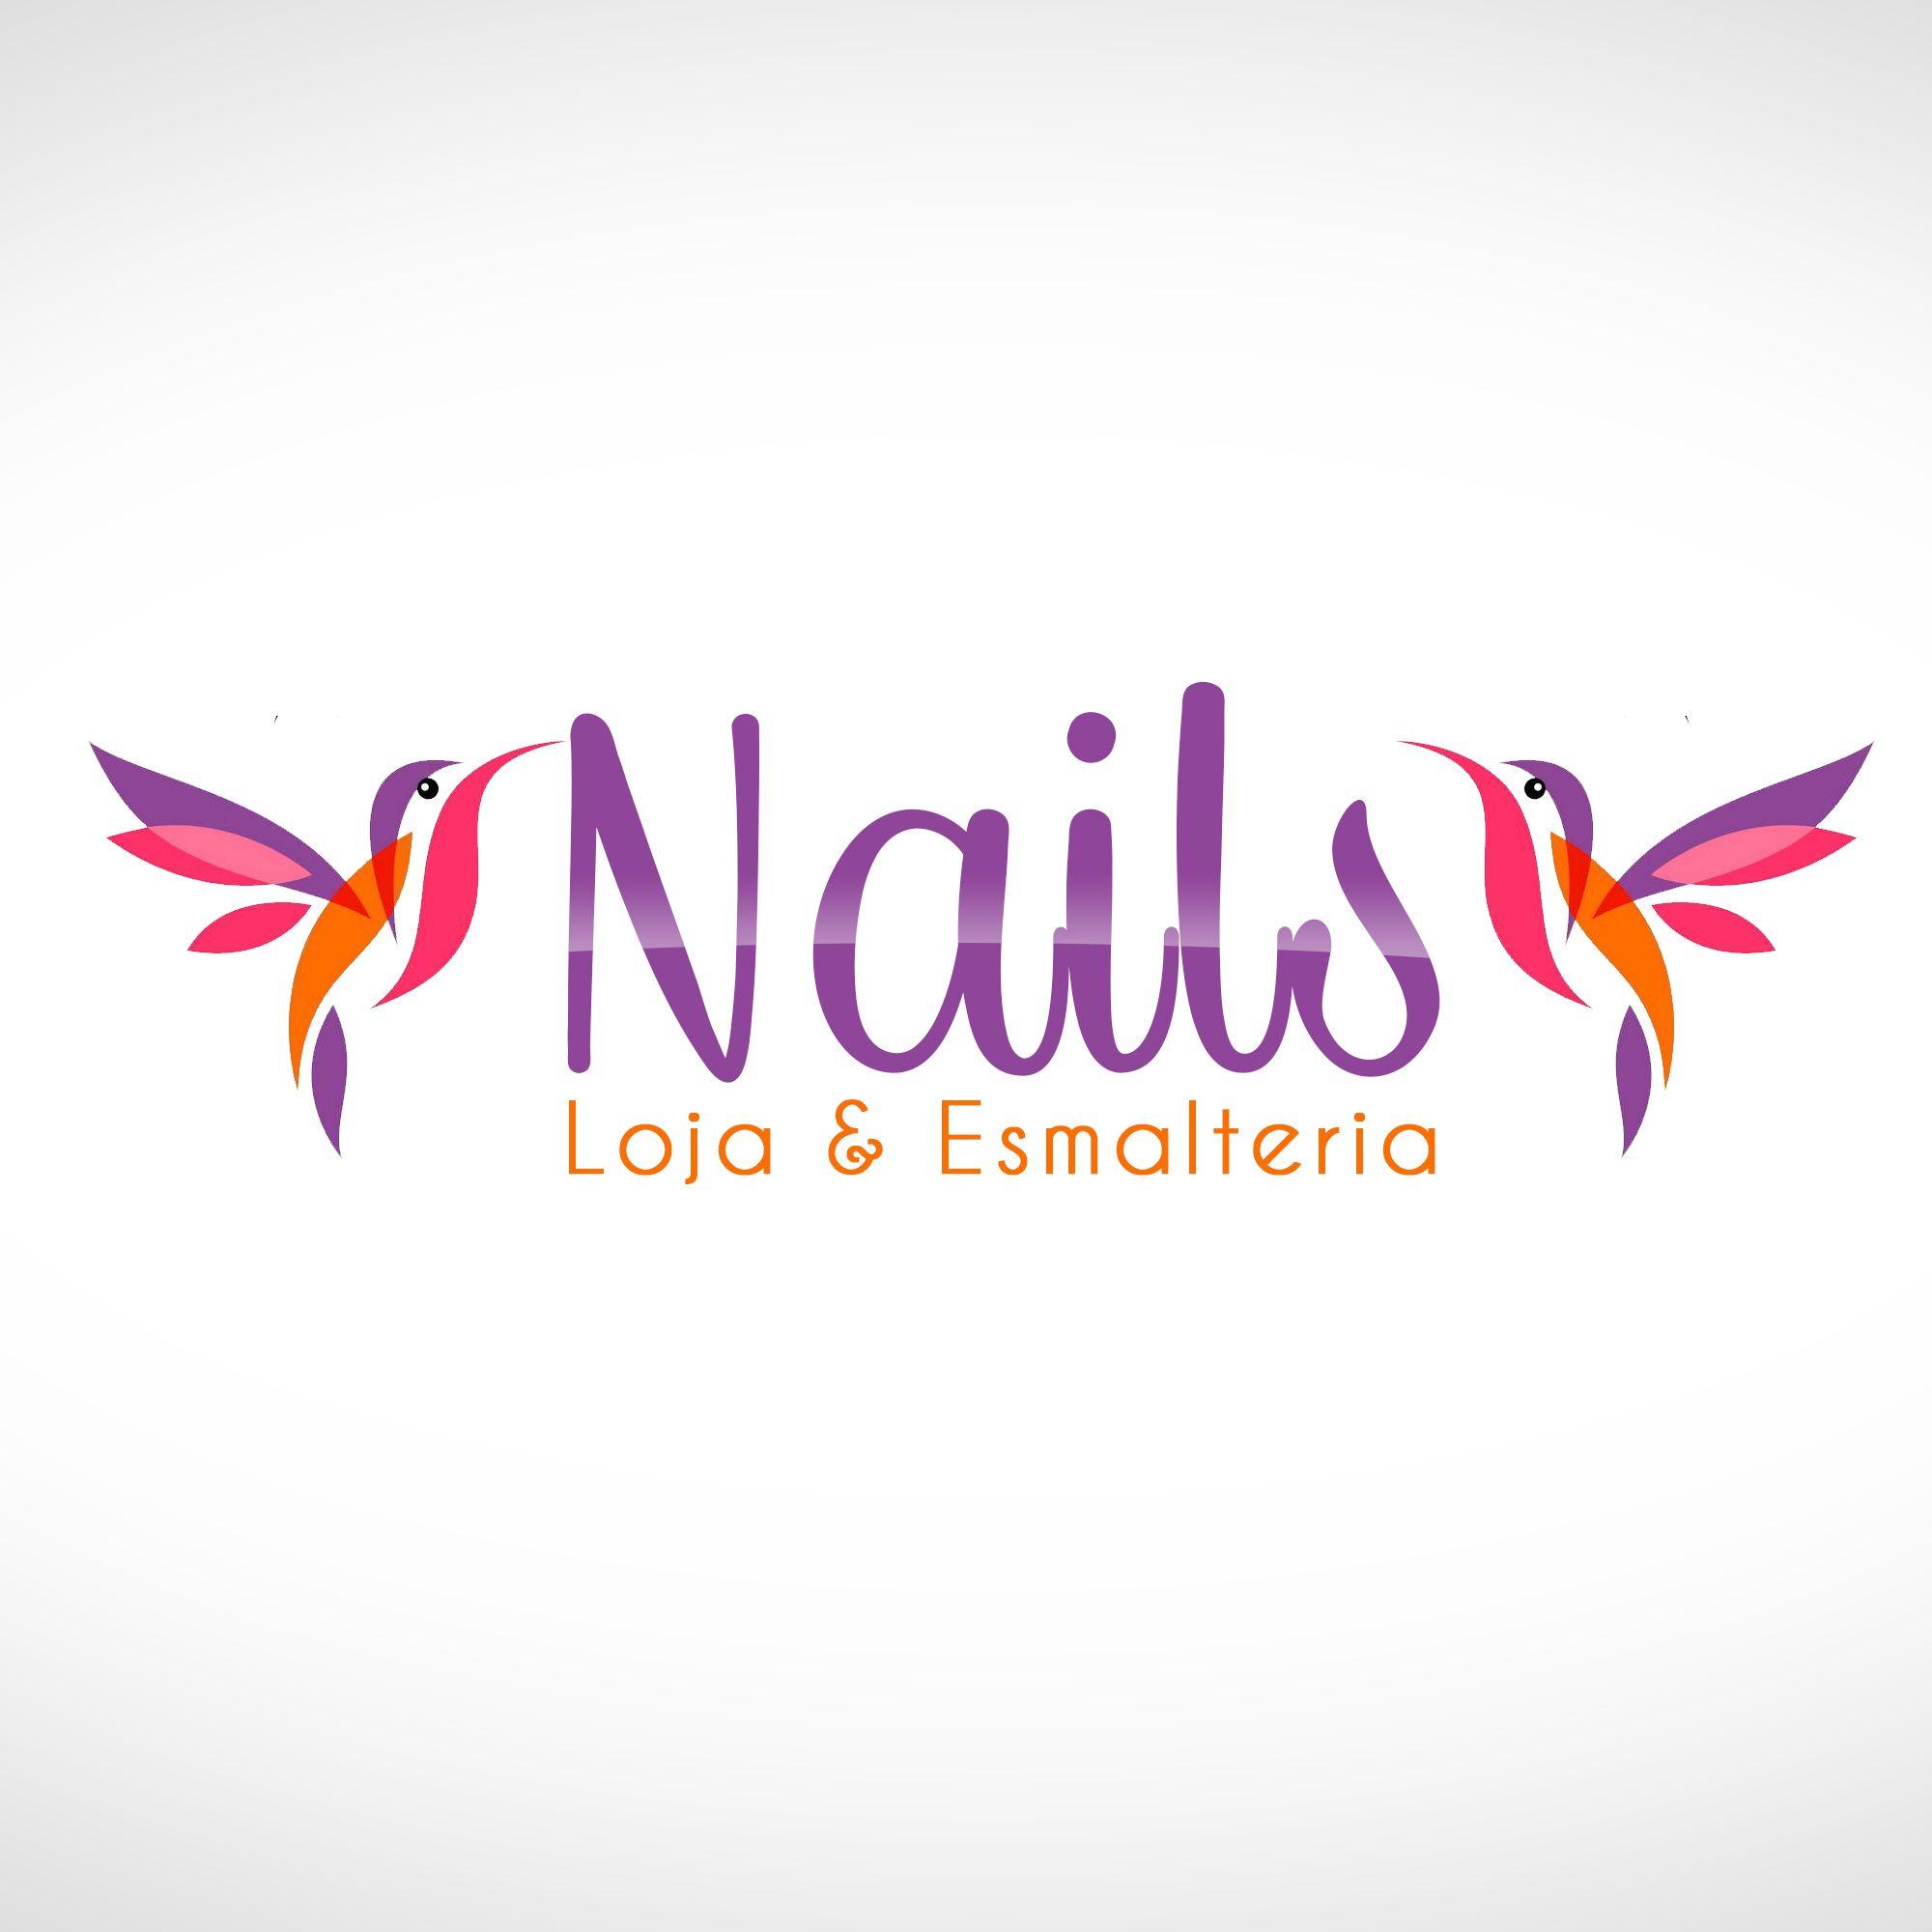 Nails Logotipo Logotipo, Esmalterias